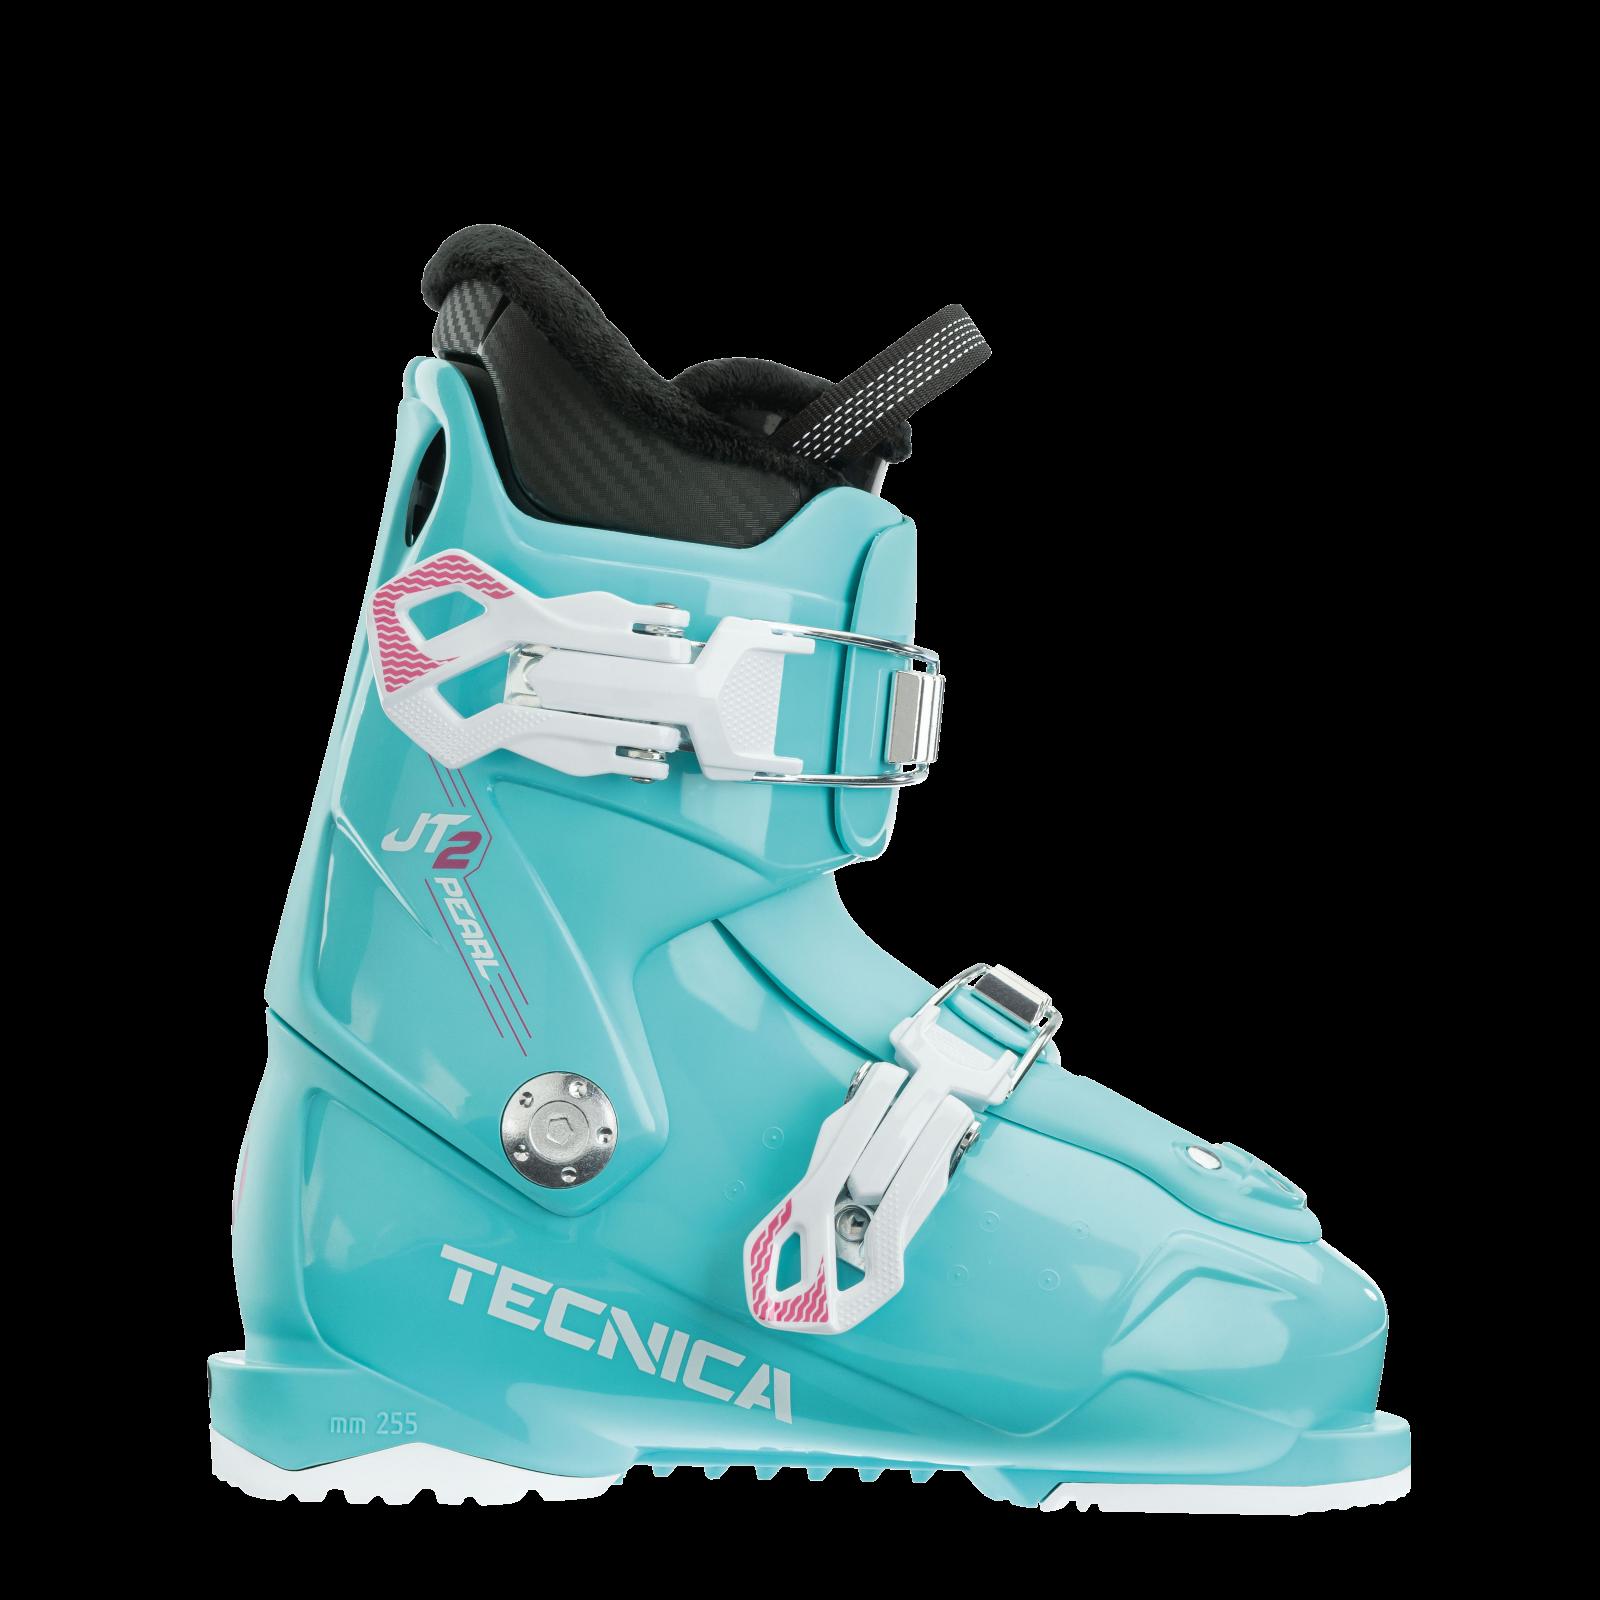 2022 Tecnica JT 2 Pearl Junior Ski Boots